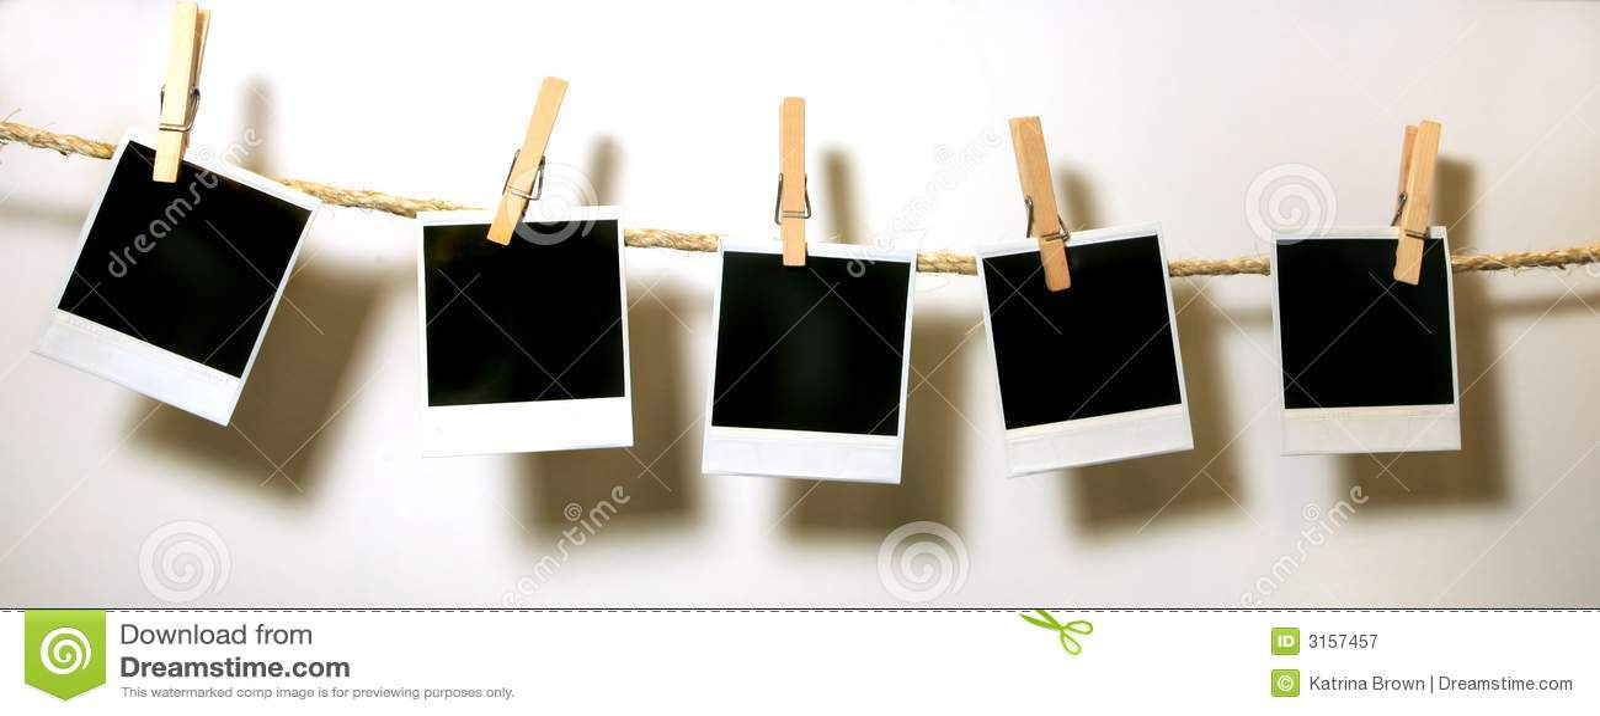 Pole Dance Clipart